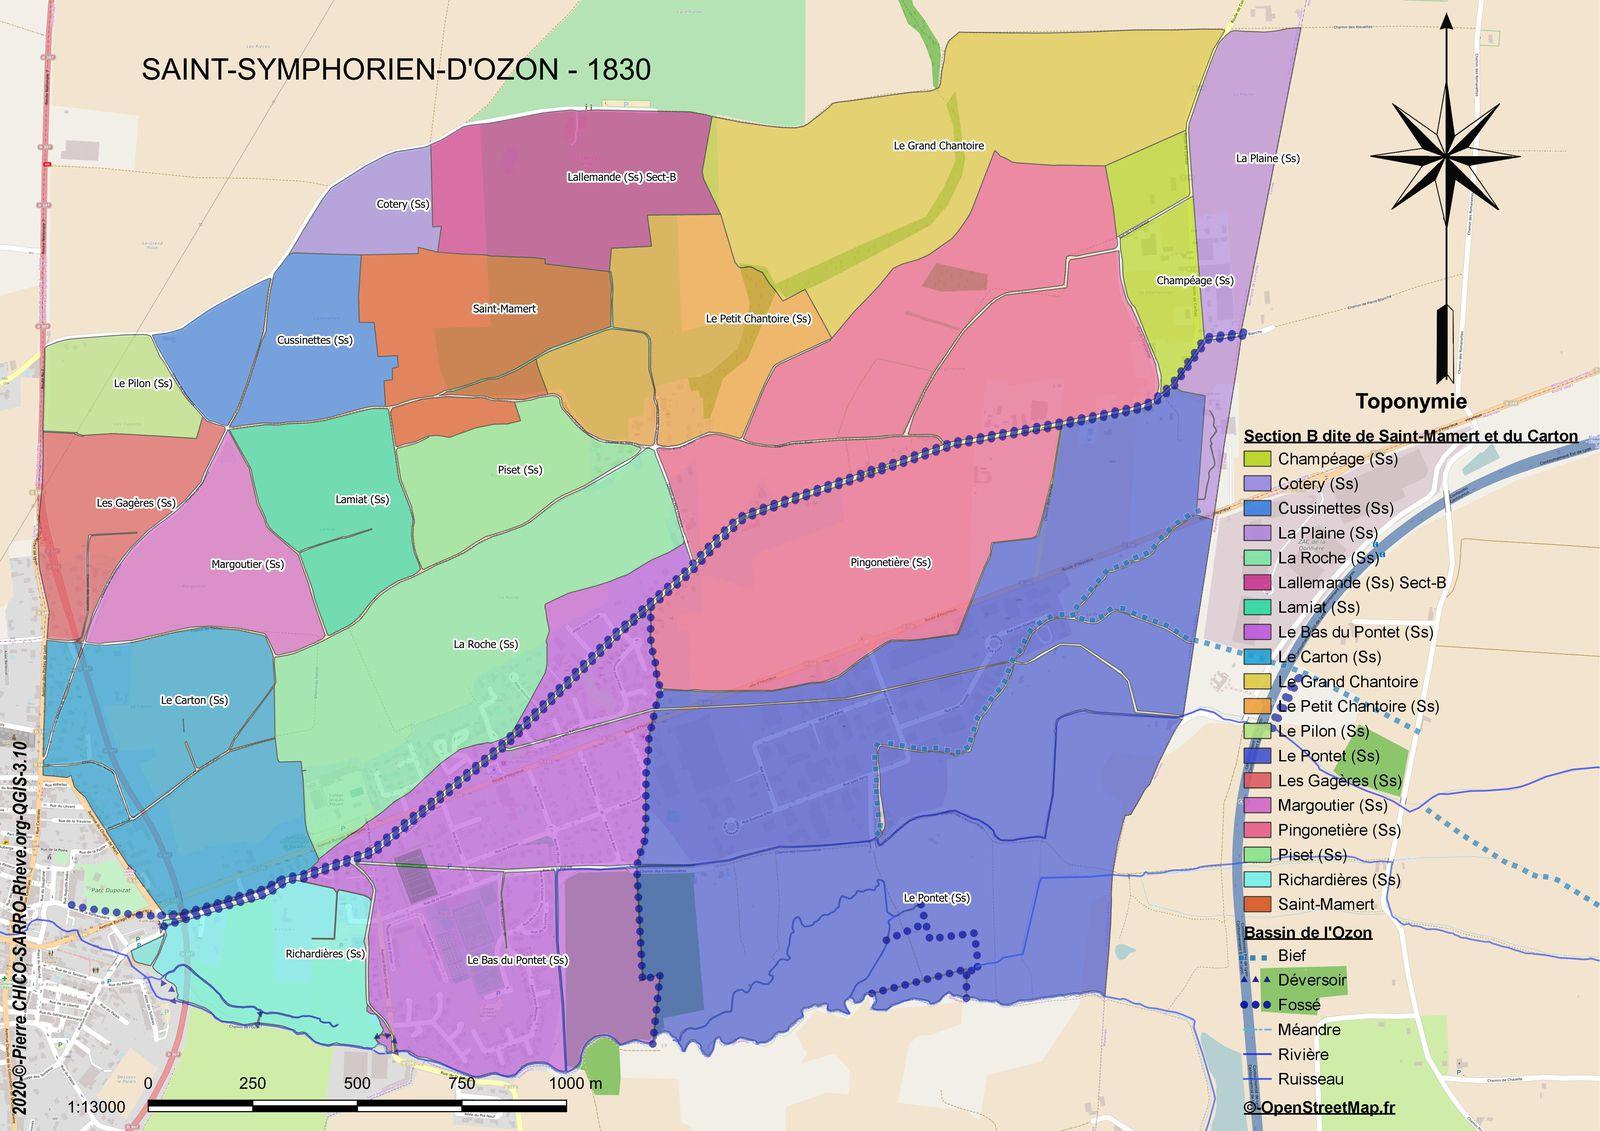 Distribution des toponymes de la section B dite de Saint-Mamert et du Carton à Saint-Symphorien-d'Ozon en 1830